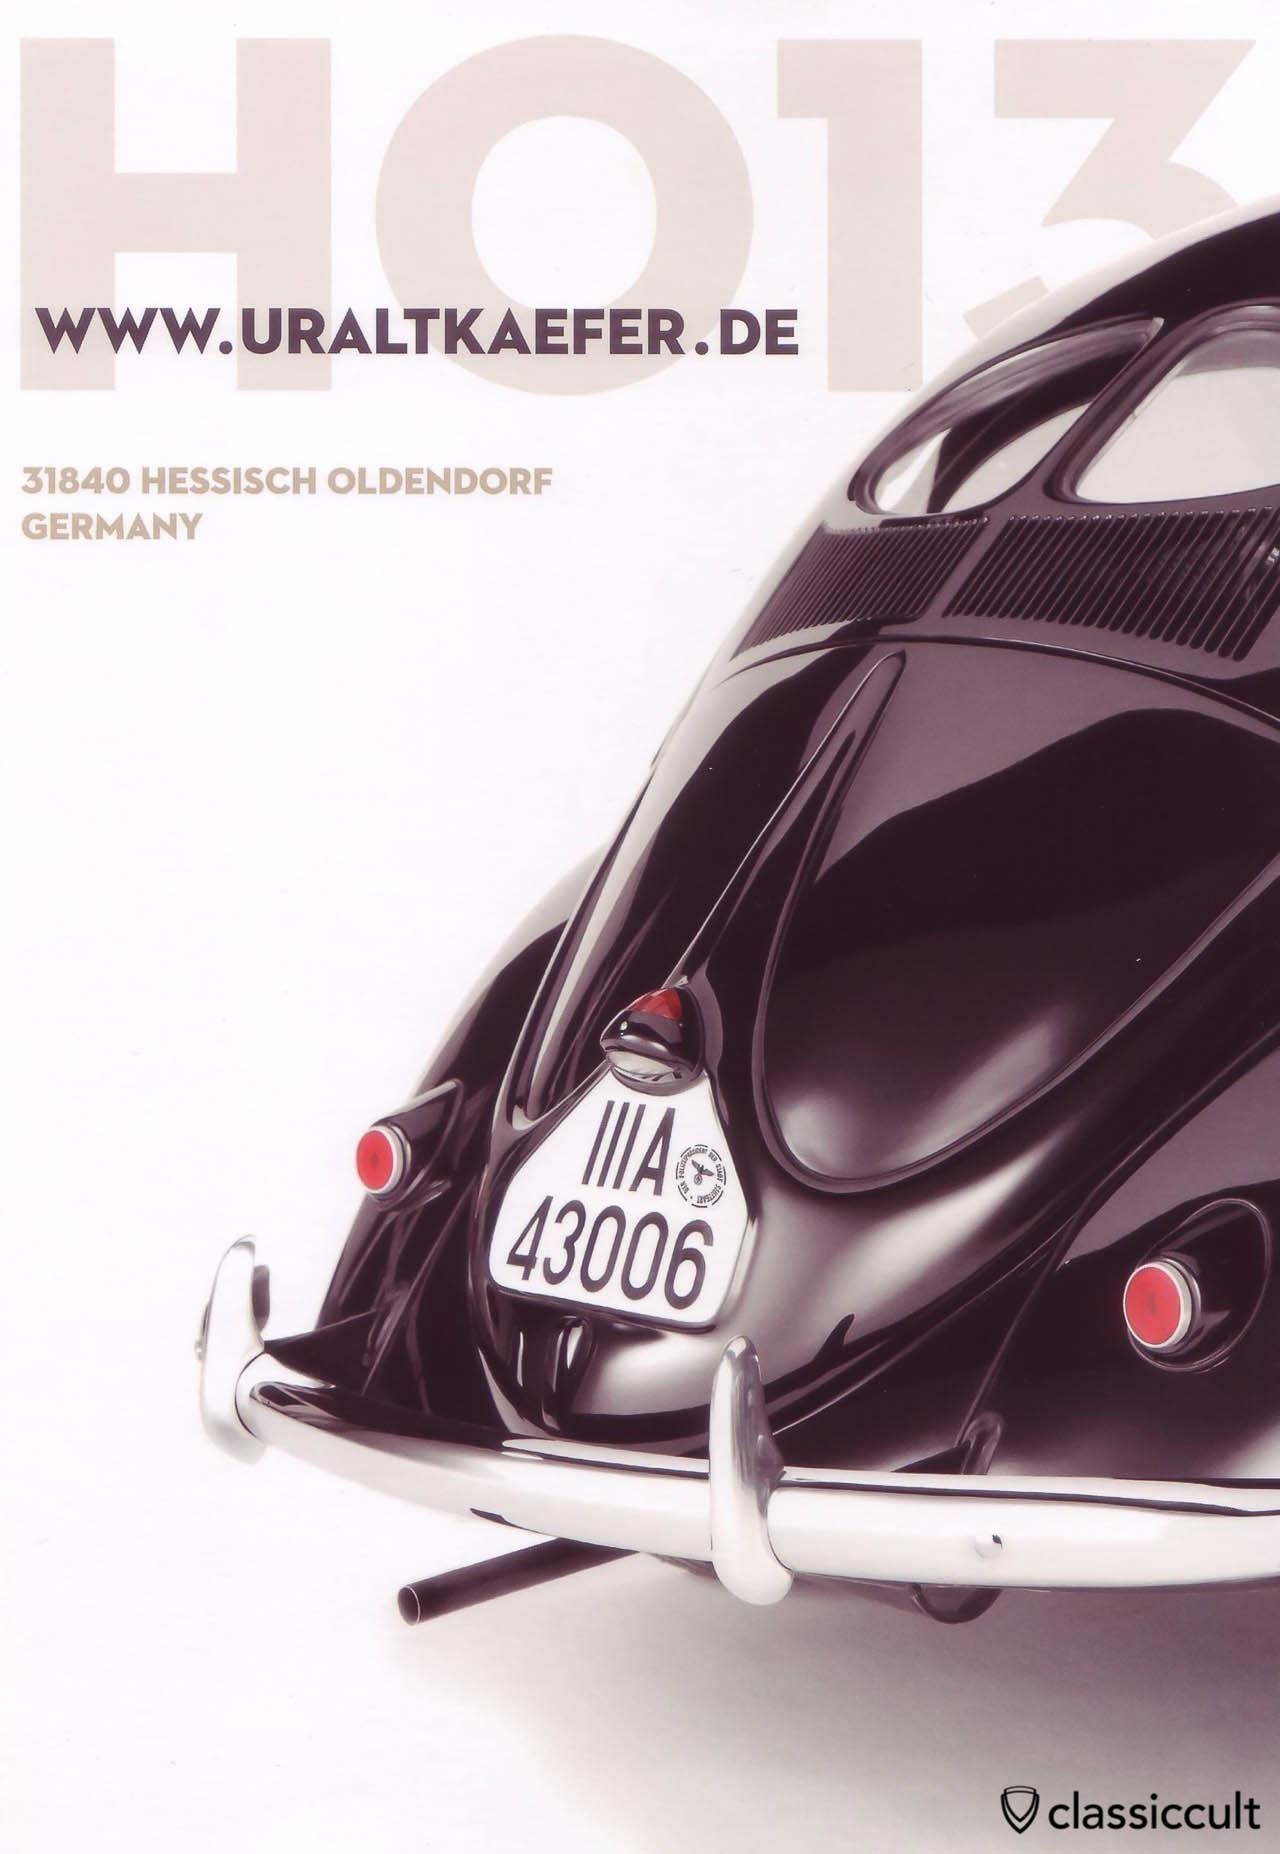 Hessisch Oldendorf HO 2013 - 6th International Vintage VW Show 21.06.2013 - 23.06.2013 Flyer